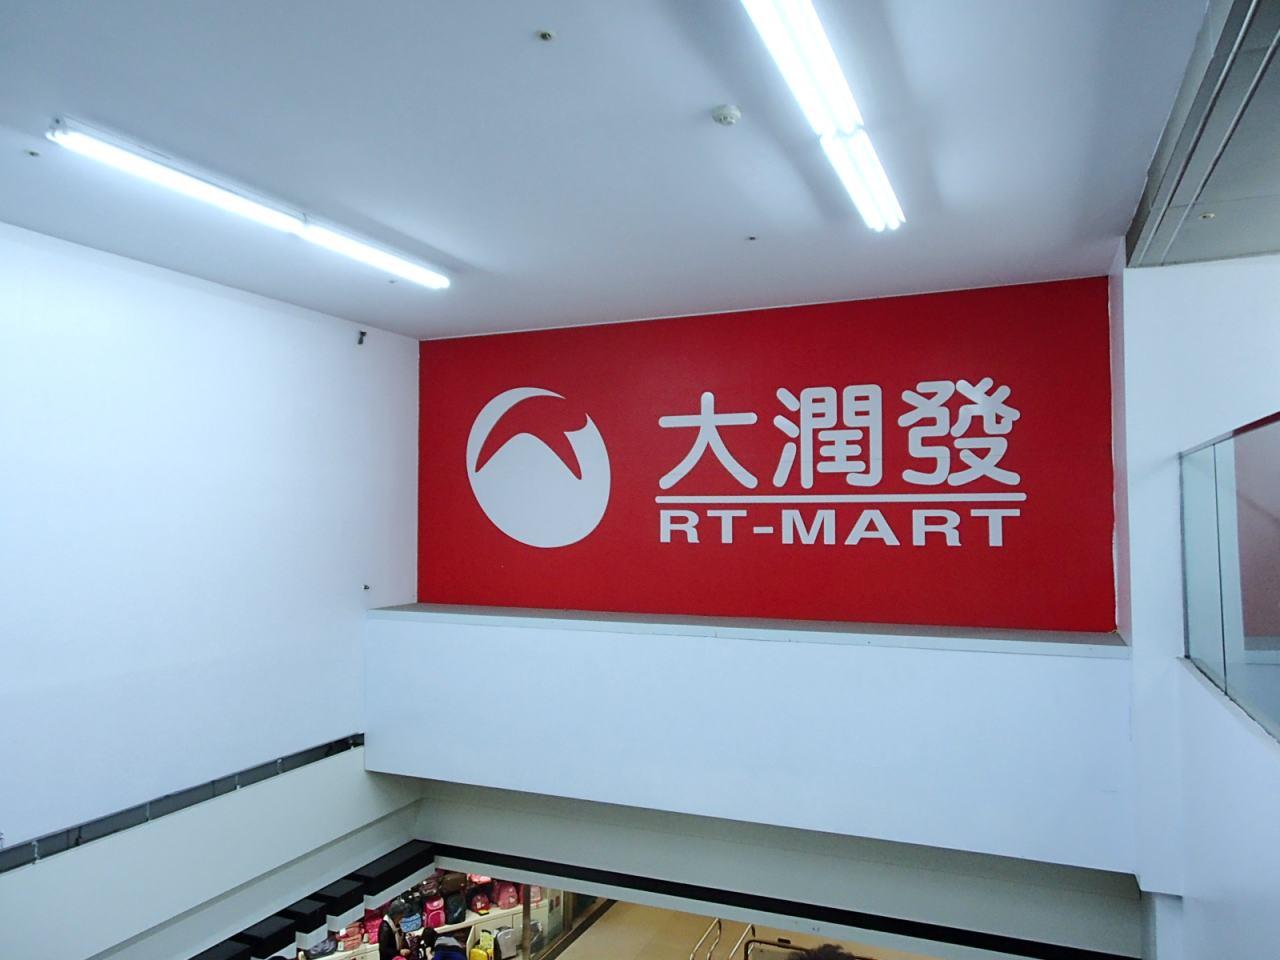 【台湾旅行】バラマキ系みやげを買いにスーパーへ行こう(1)